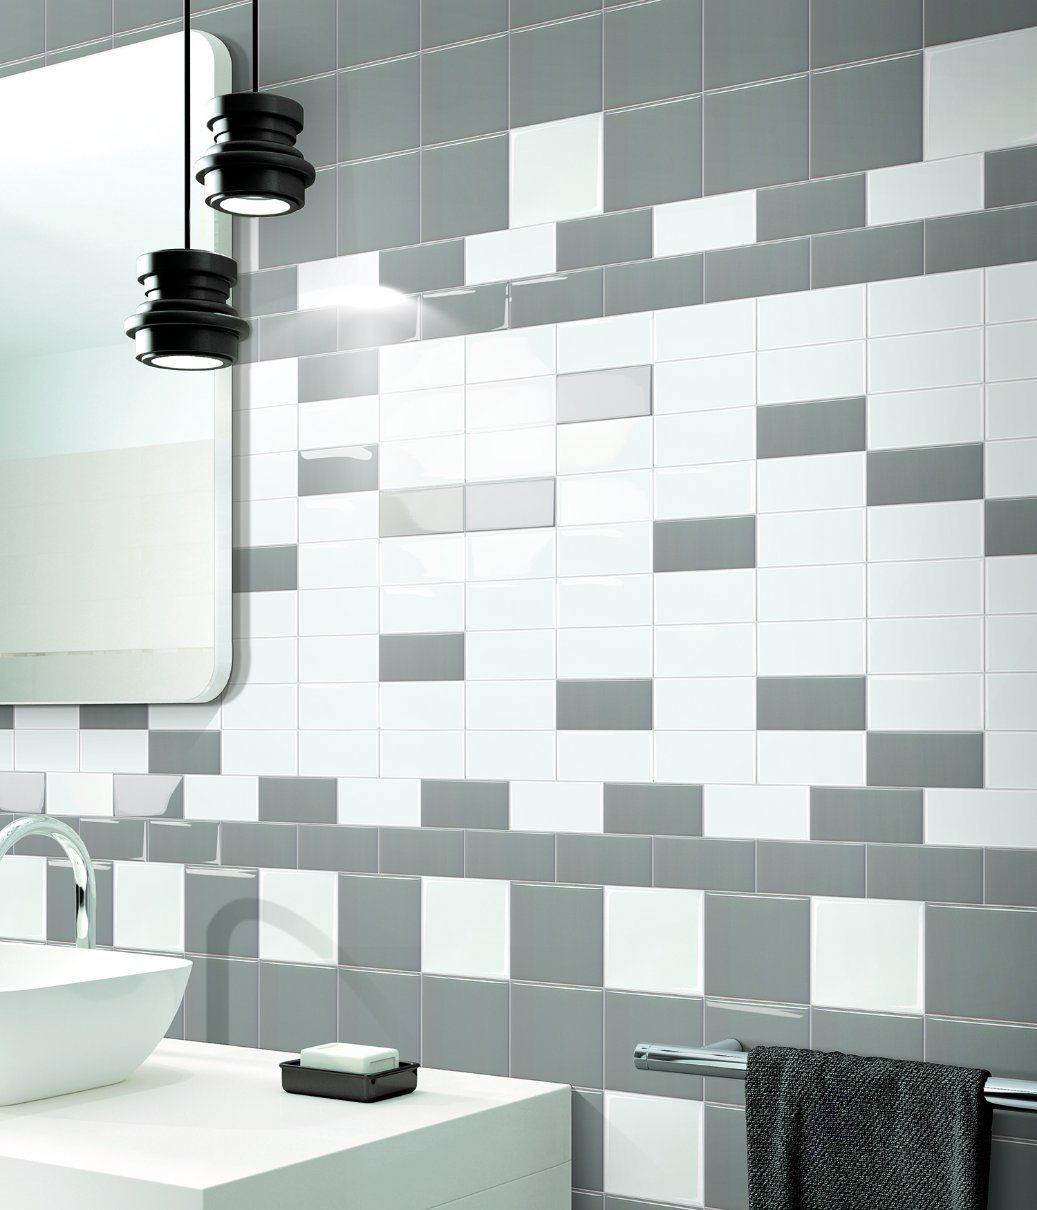 China Dark Grey 4X8inch/10X20cm Glazed Ceramic Tile Rustic Porcelain ...